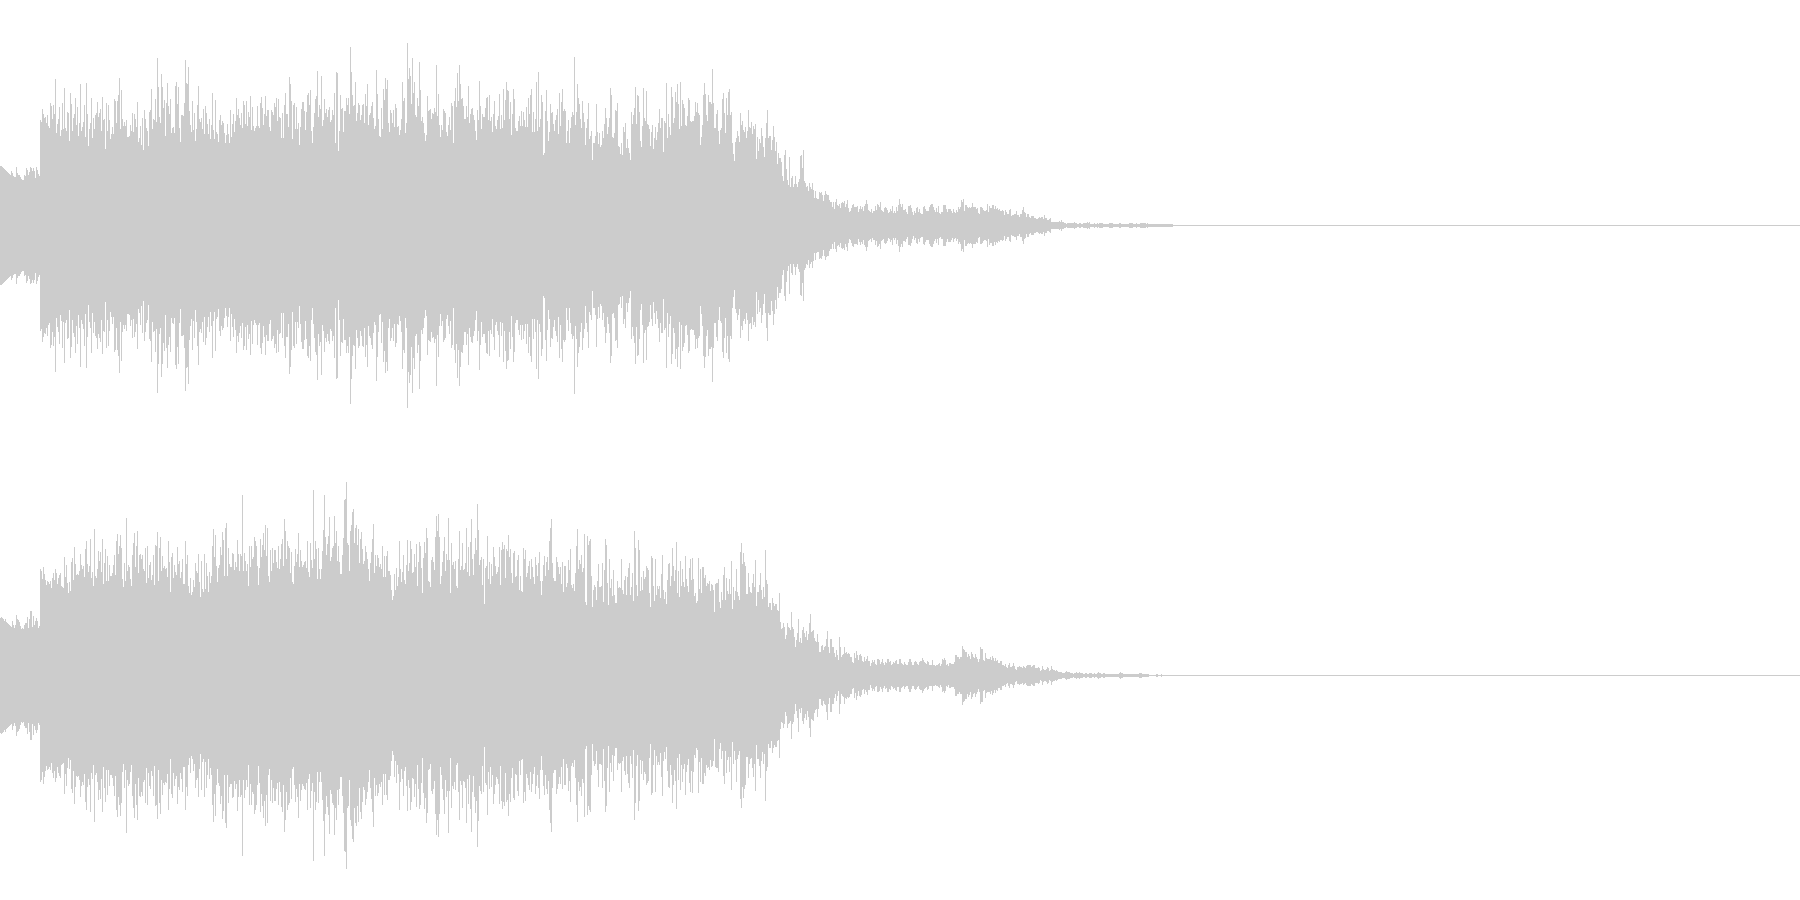 シュワーン(魔法エフェクト発動)の未再生の波形